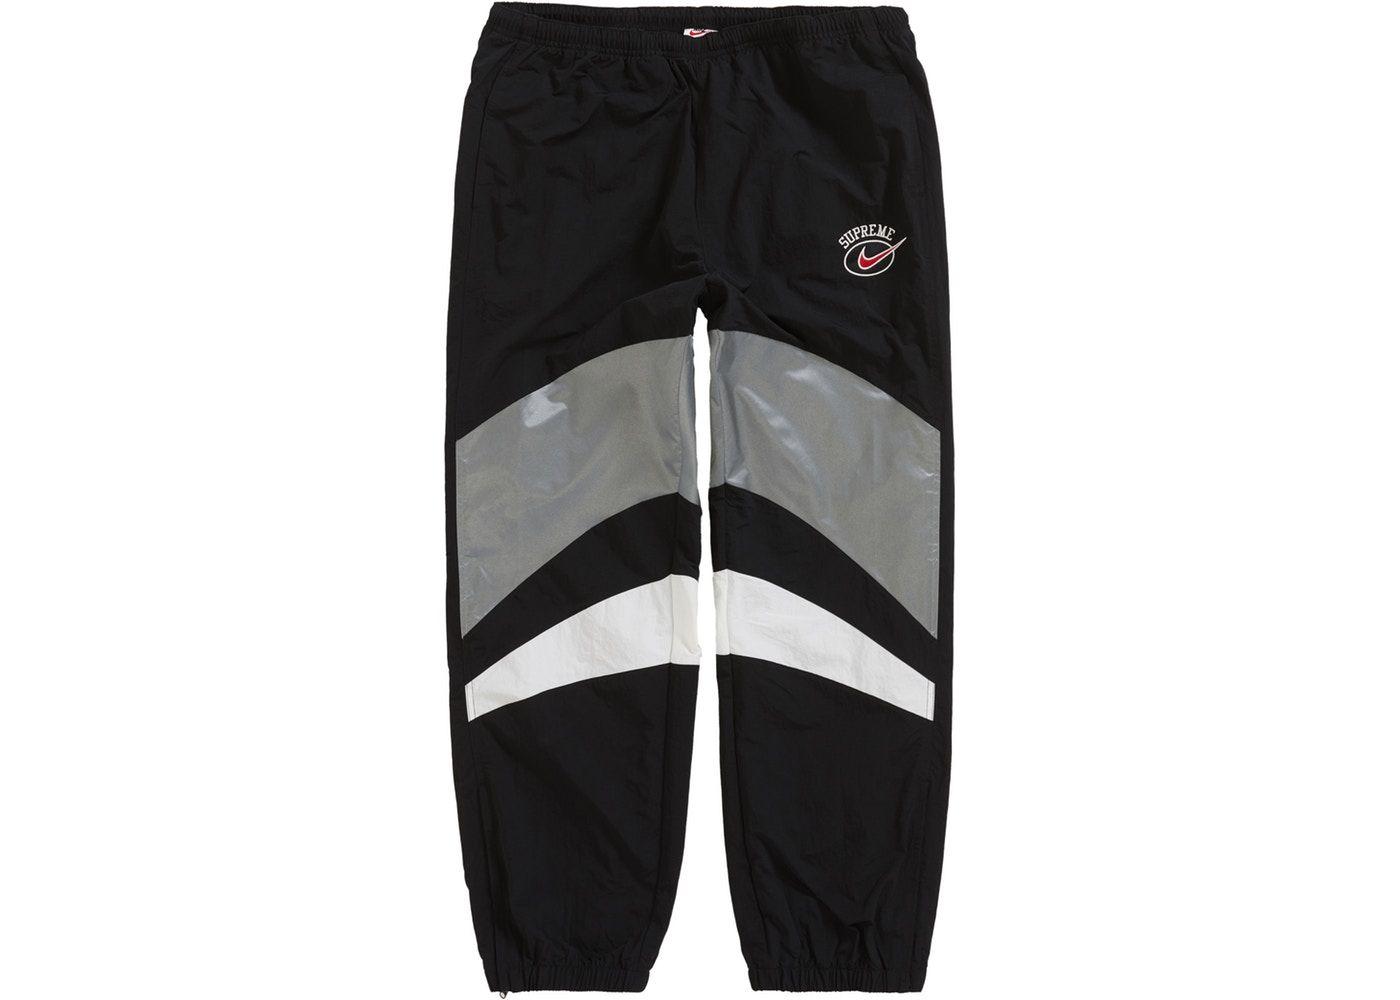 Supreme Nike Shoulder Bag Silver In 2020 Nike Shoulder Bag Pants Street Wear